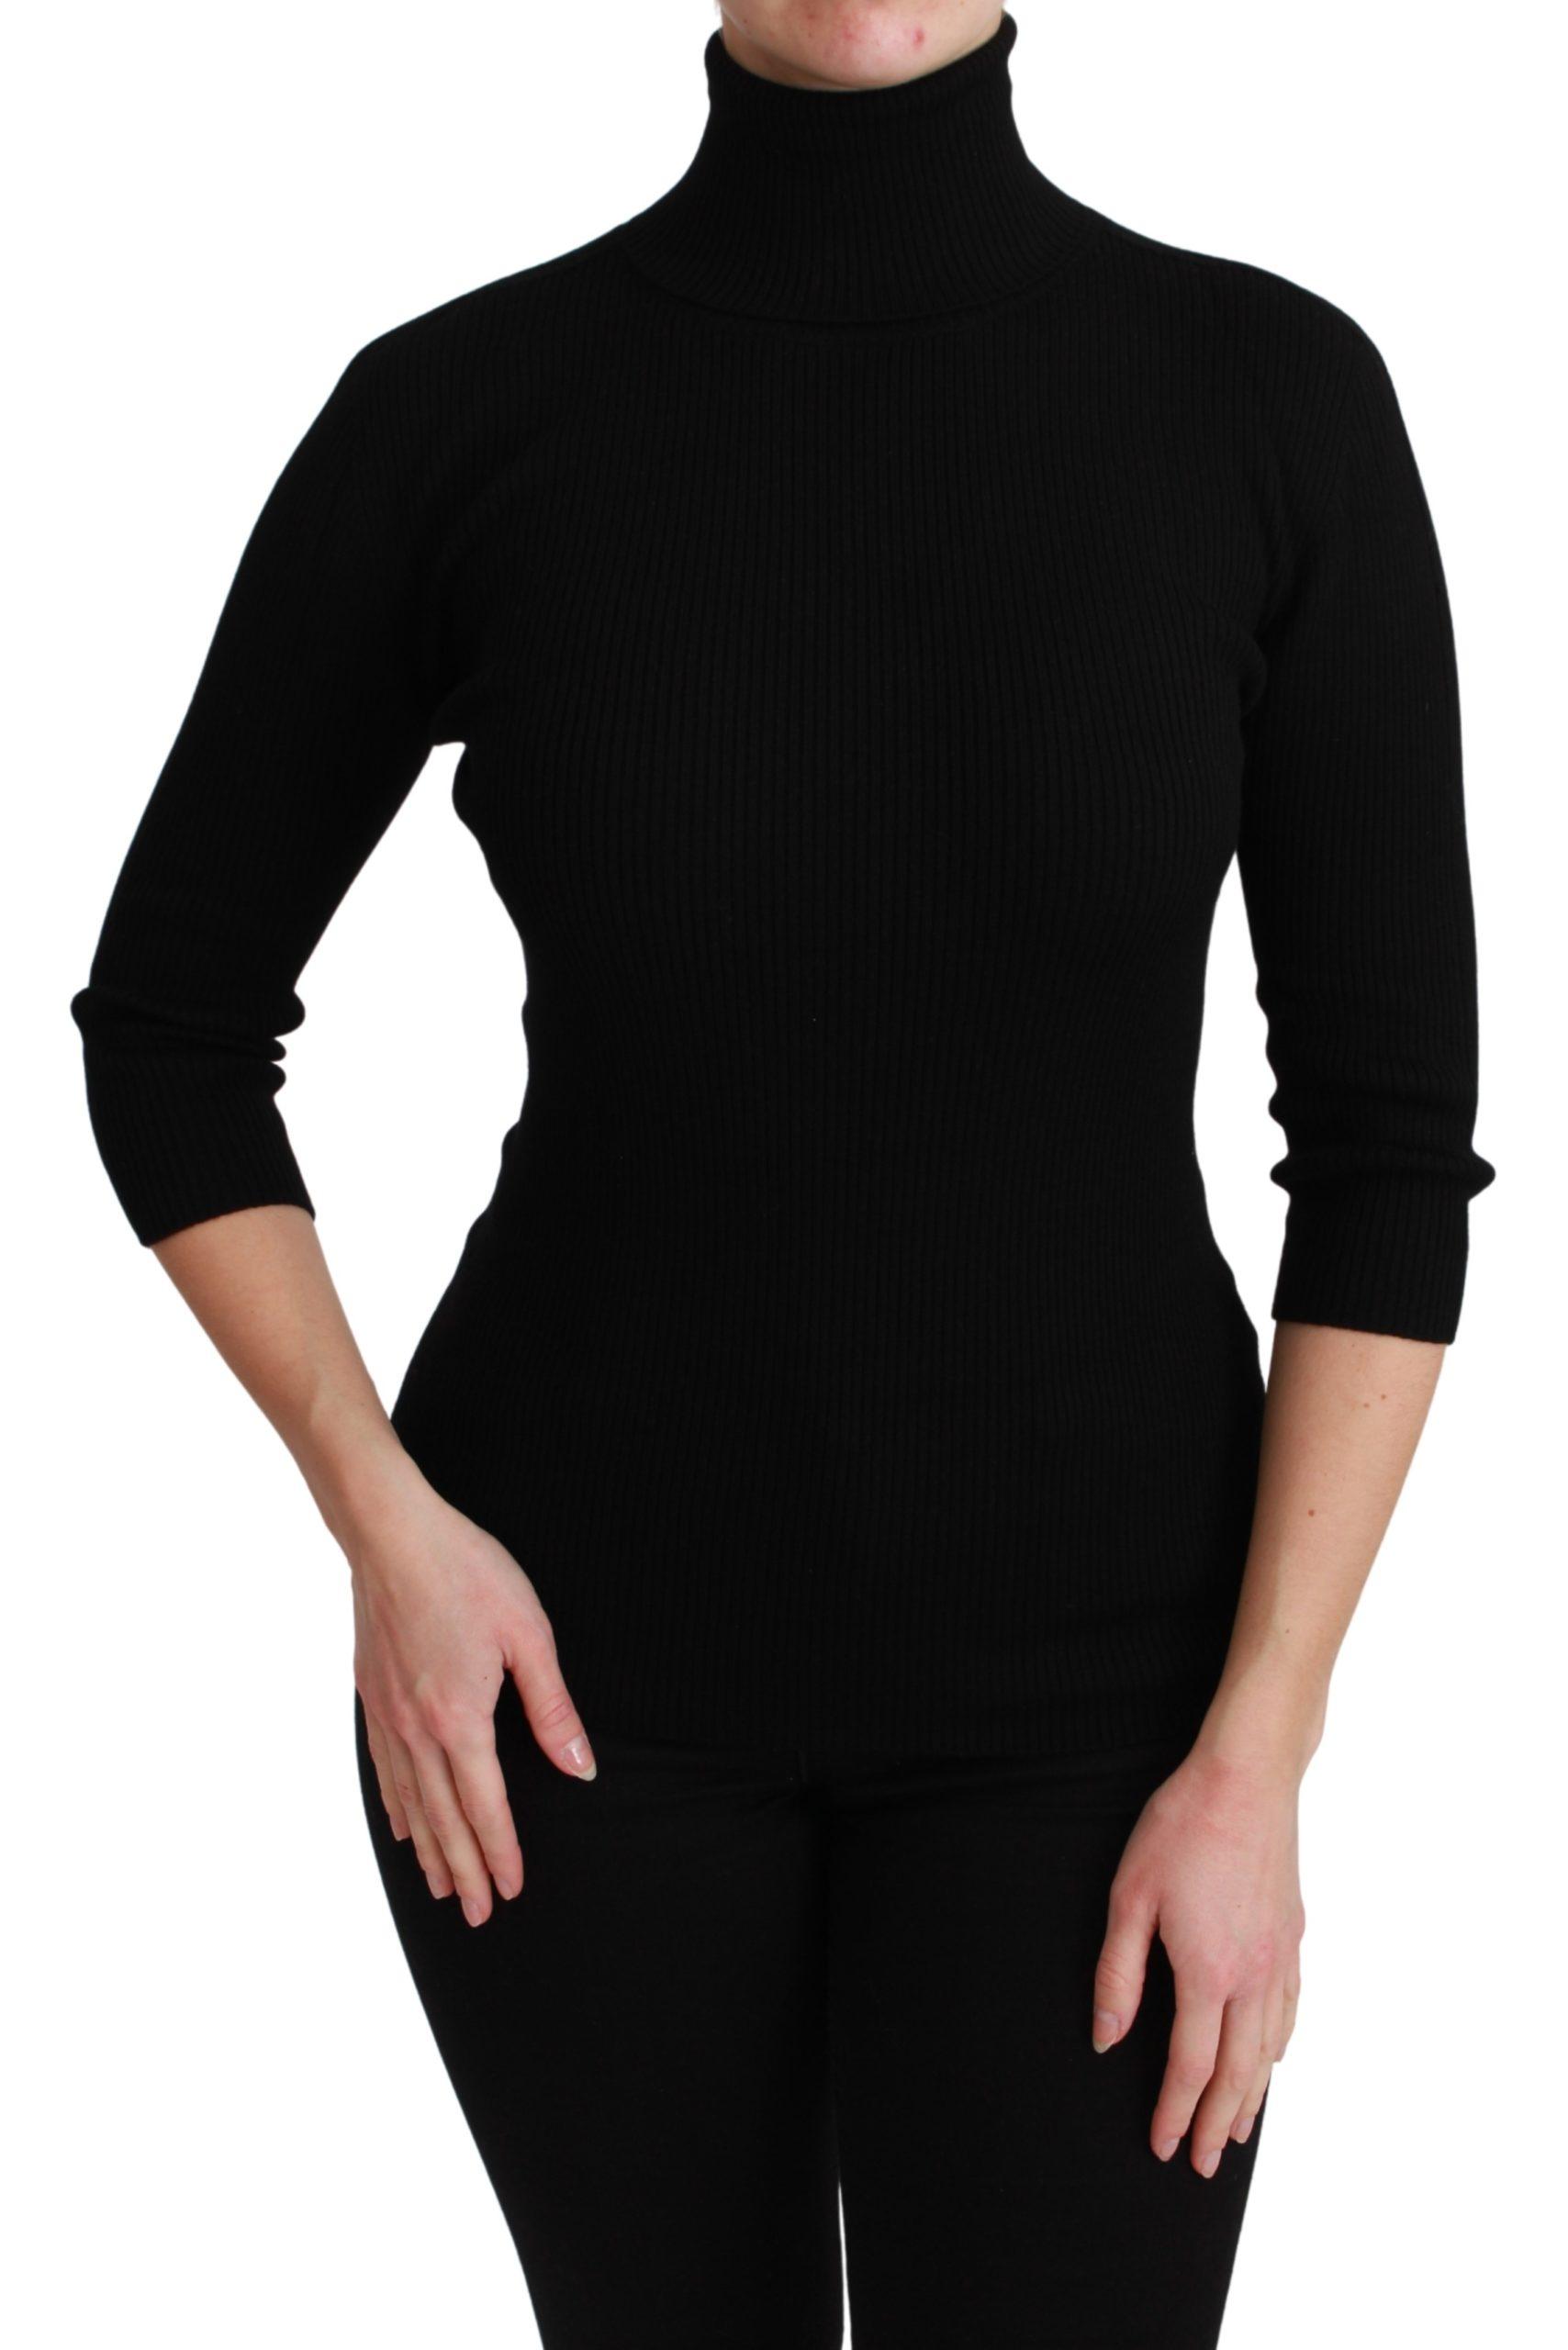 Dolce & Gabbana Women's Turtleneck Wool Pullover Sweater Black TSH4594 - IT42 M